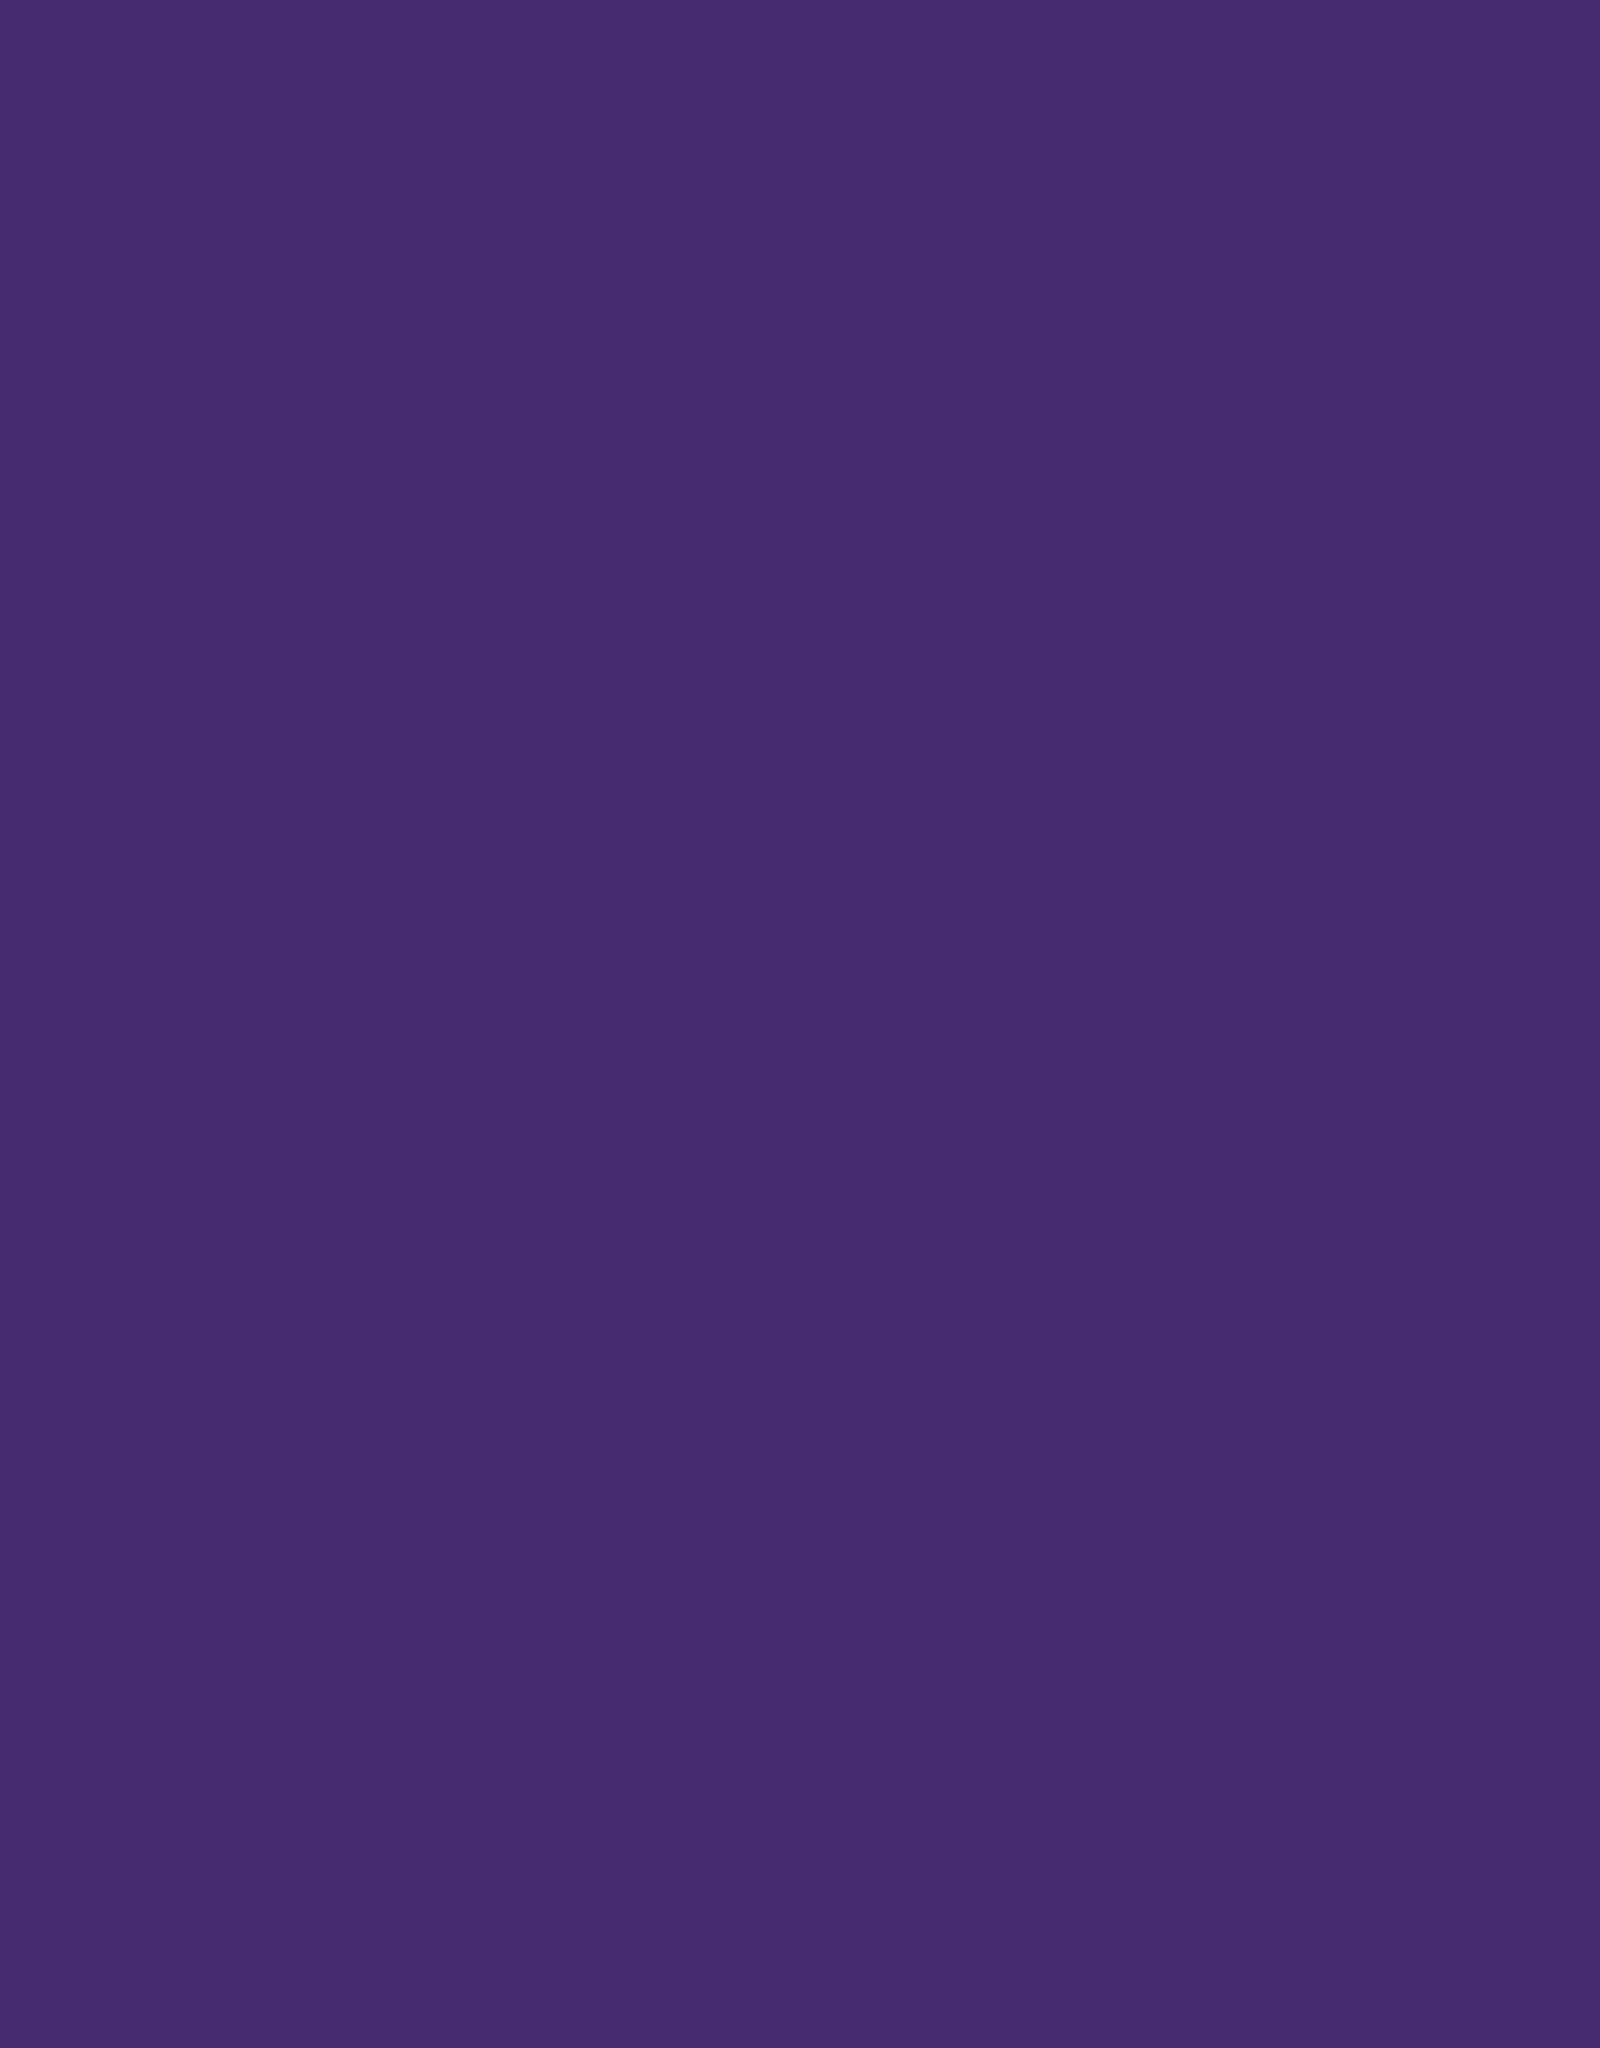 Trapsuutjies Violet